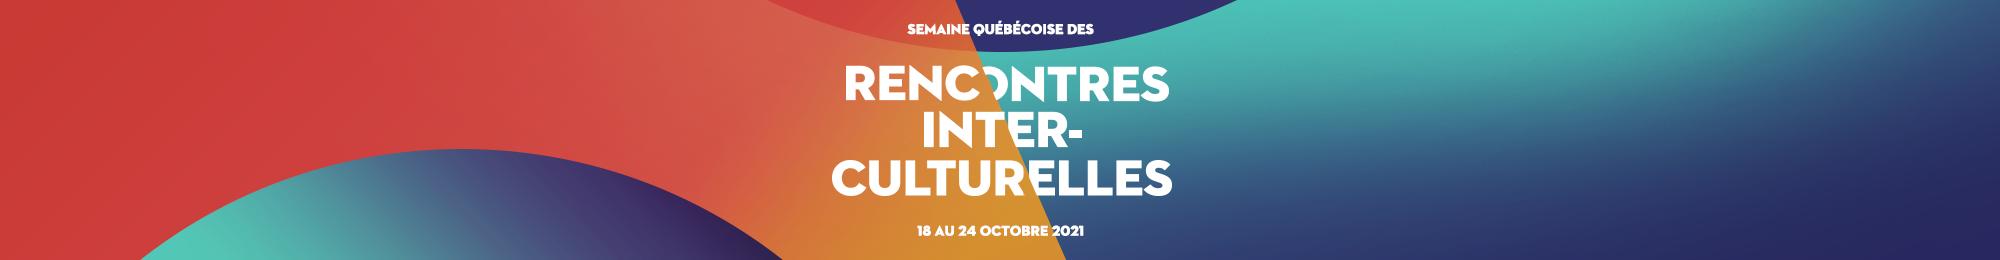 Image promotionnelle de la Semaine québécoise des rencontres interculturelles